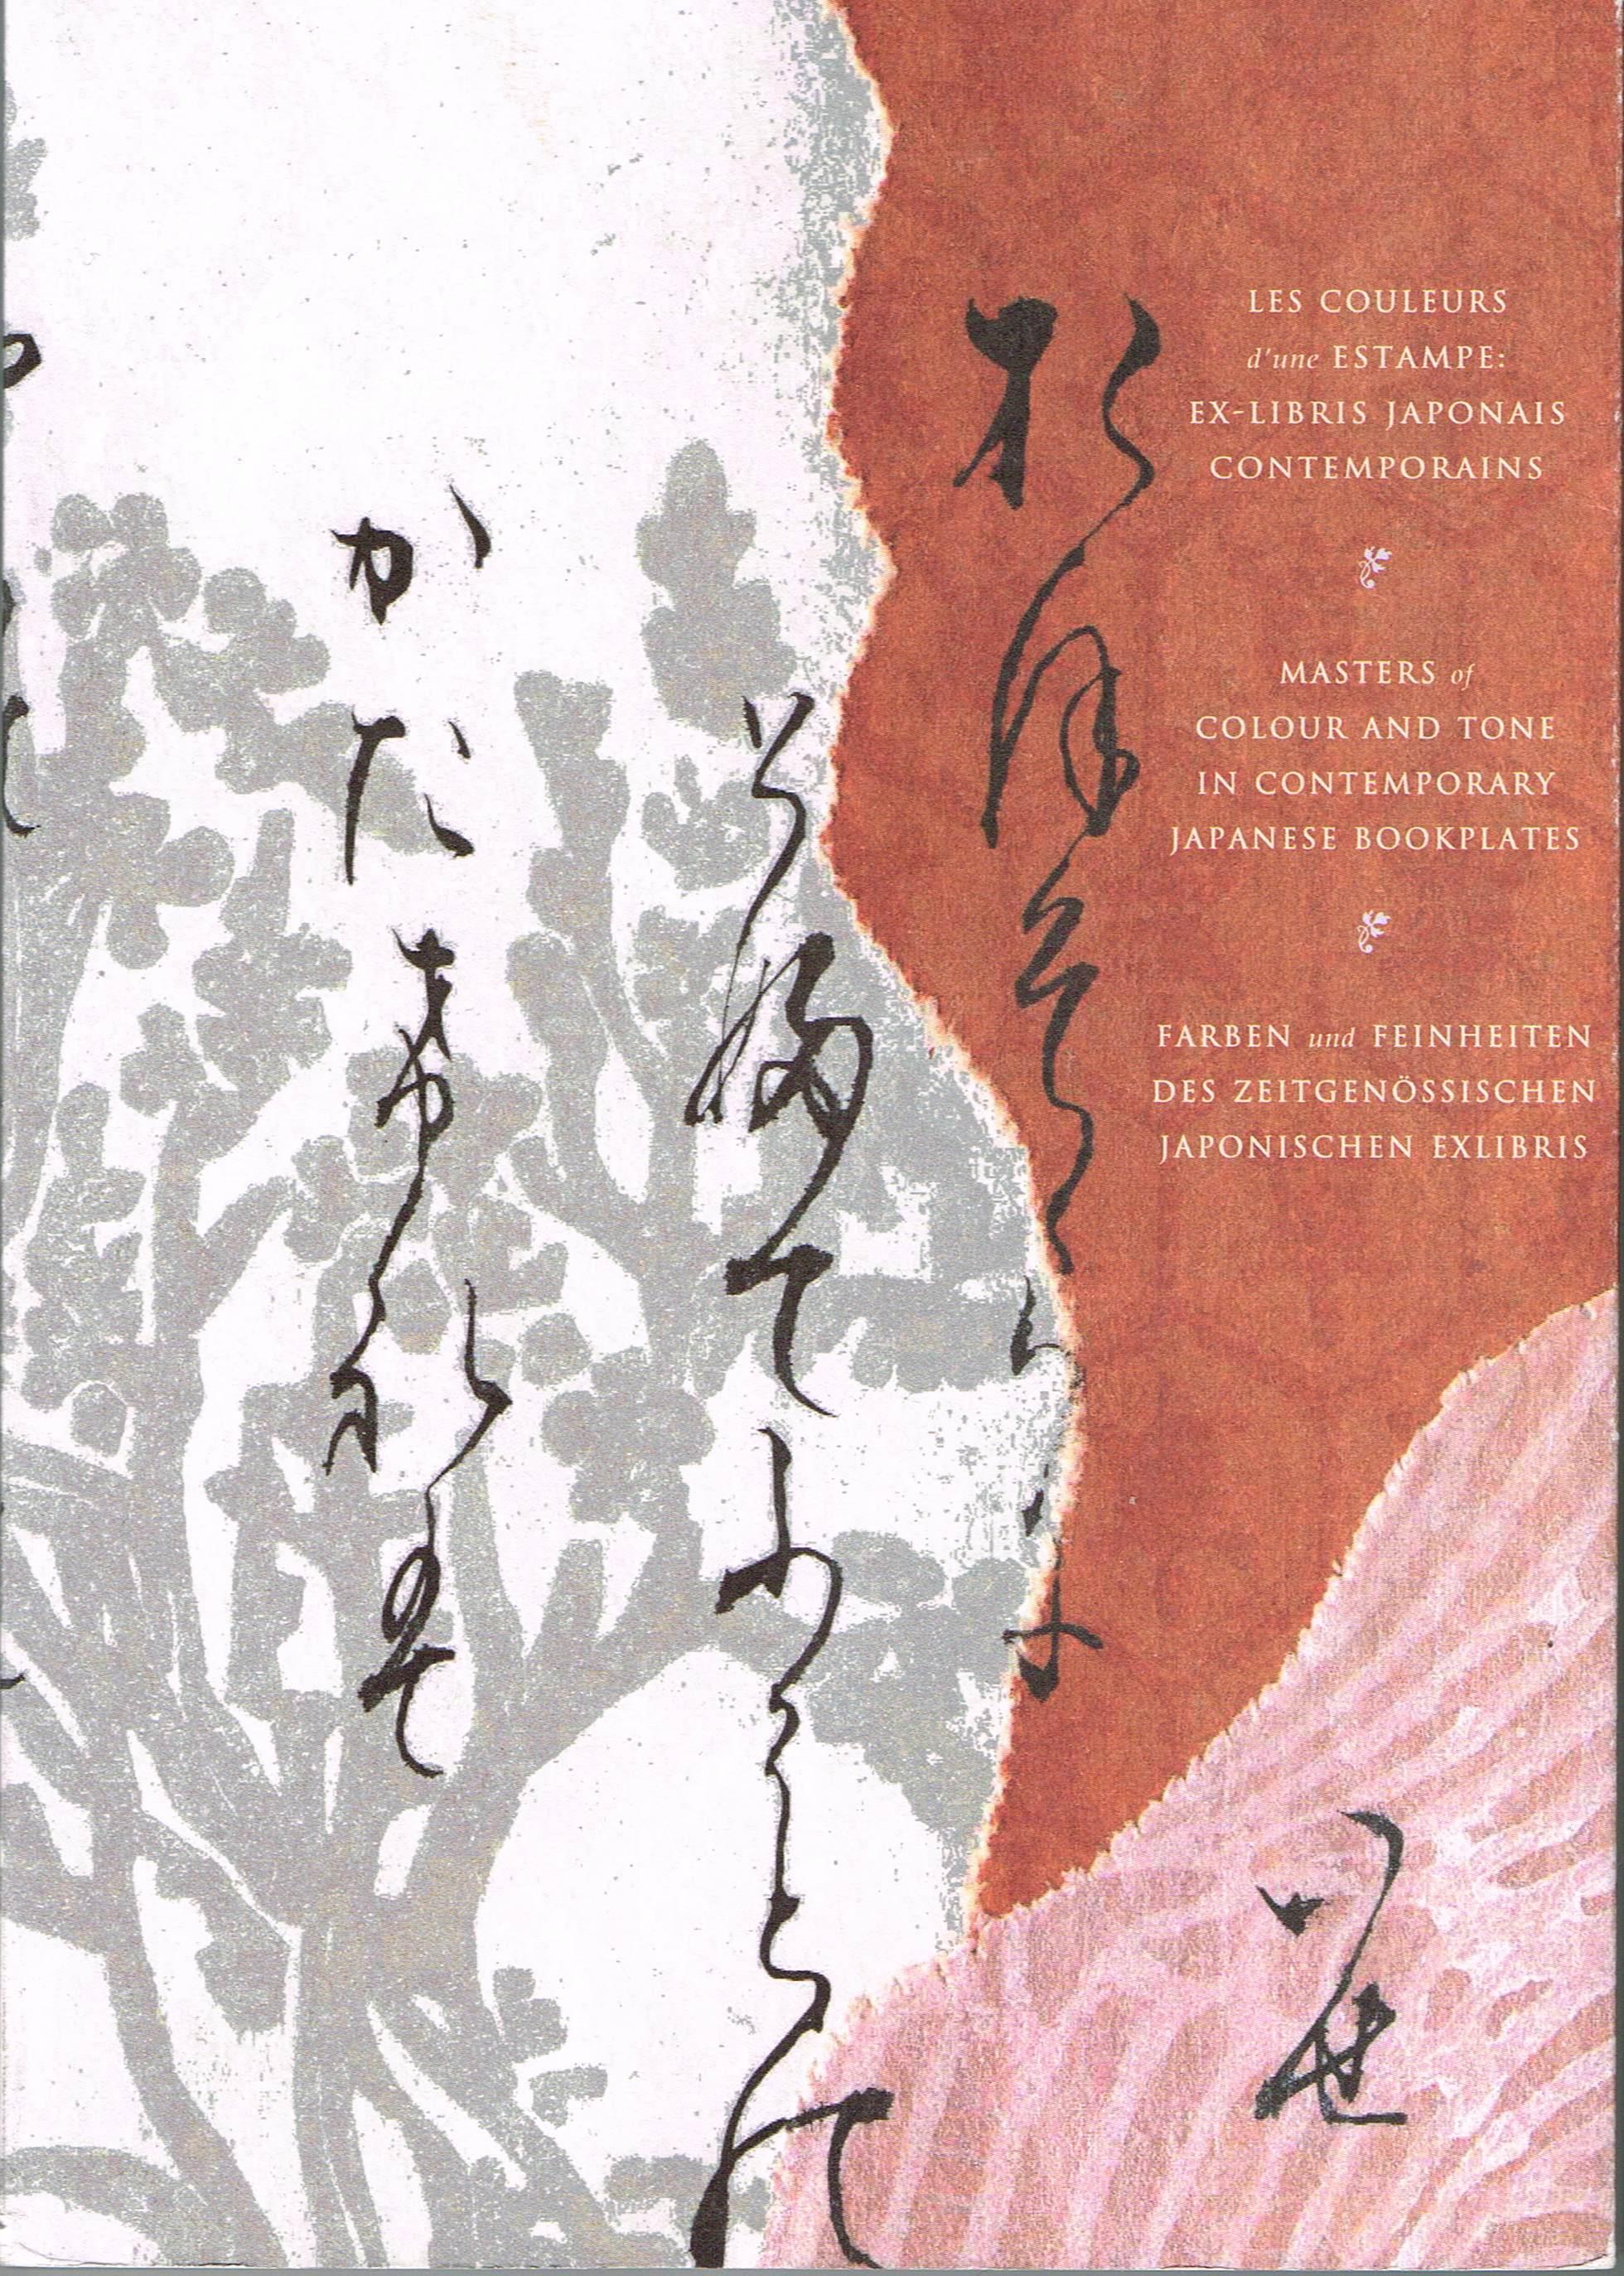 Ex-Libris Japonais